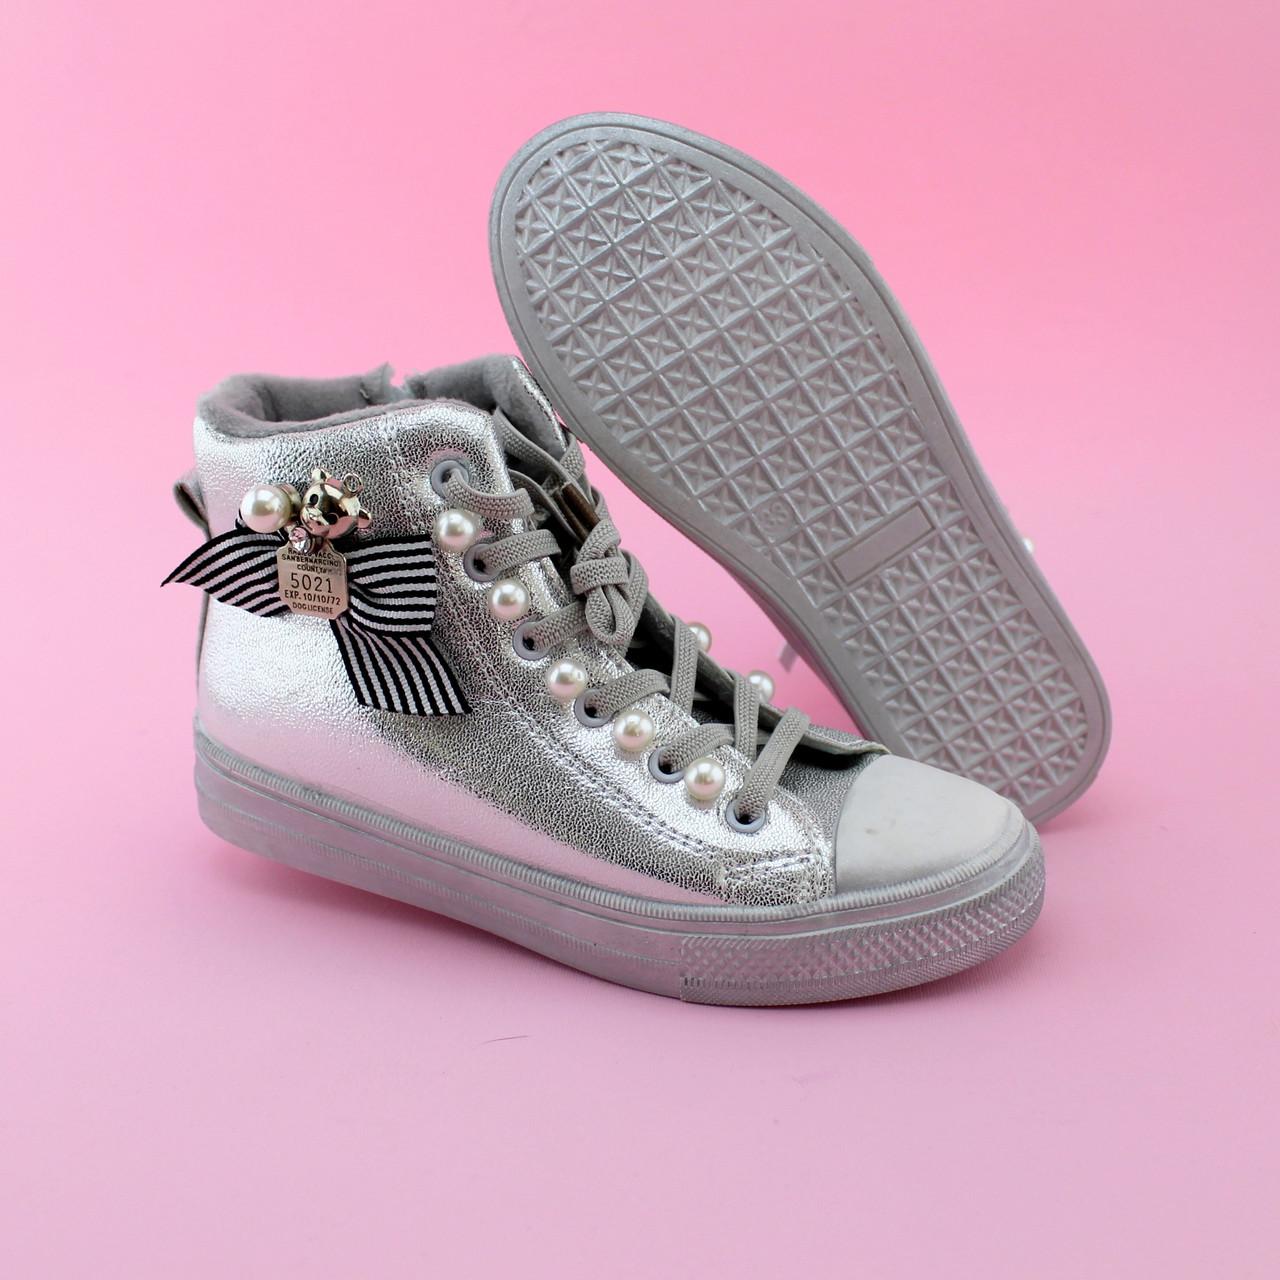 Демисезонные высокие кеды ботинки весна осень серебро тм JG размер 33,34